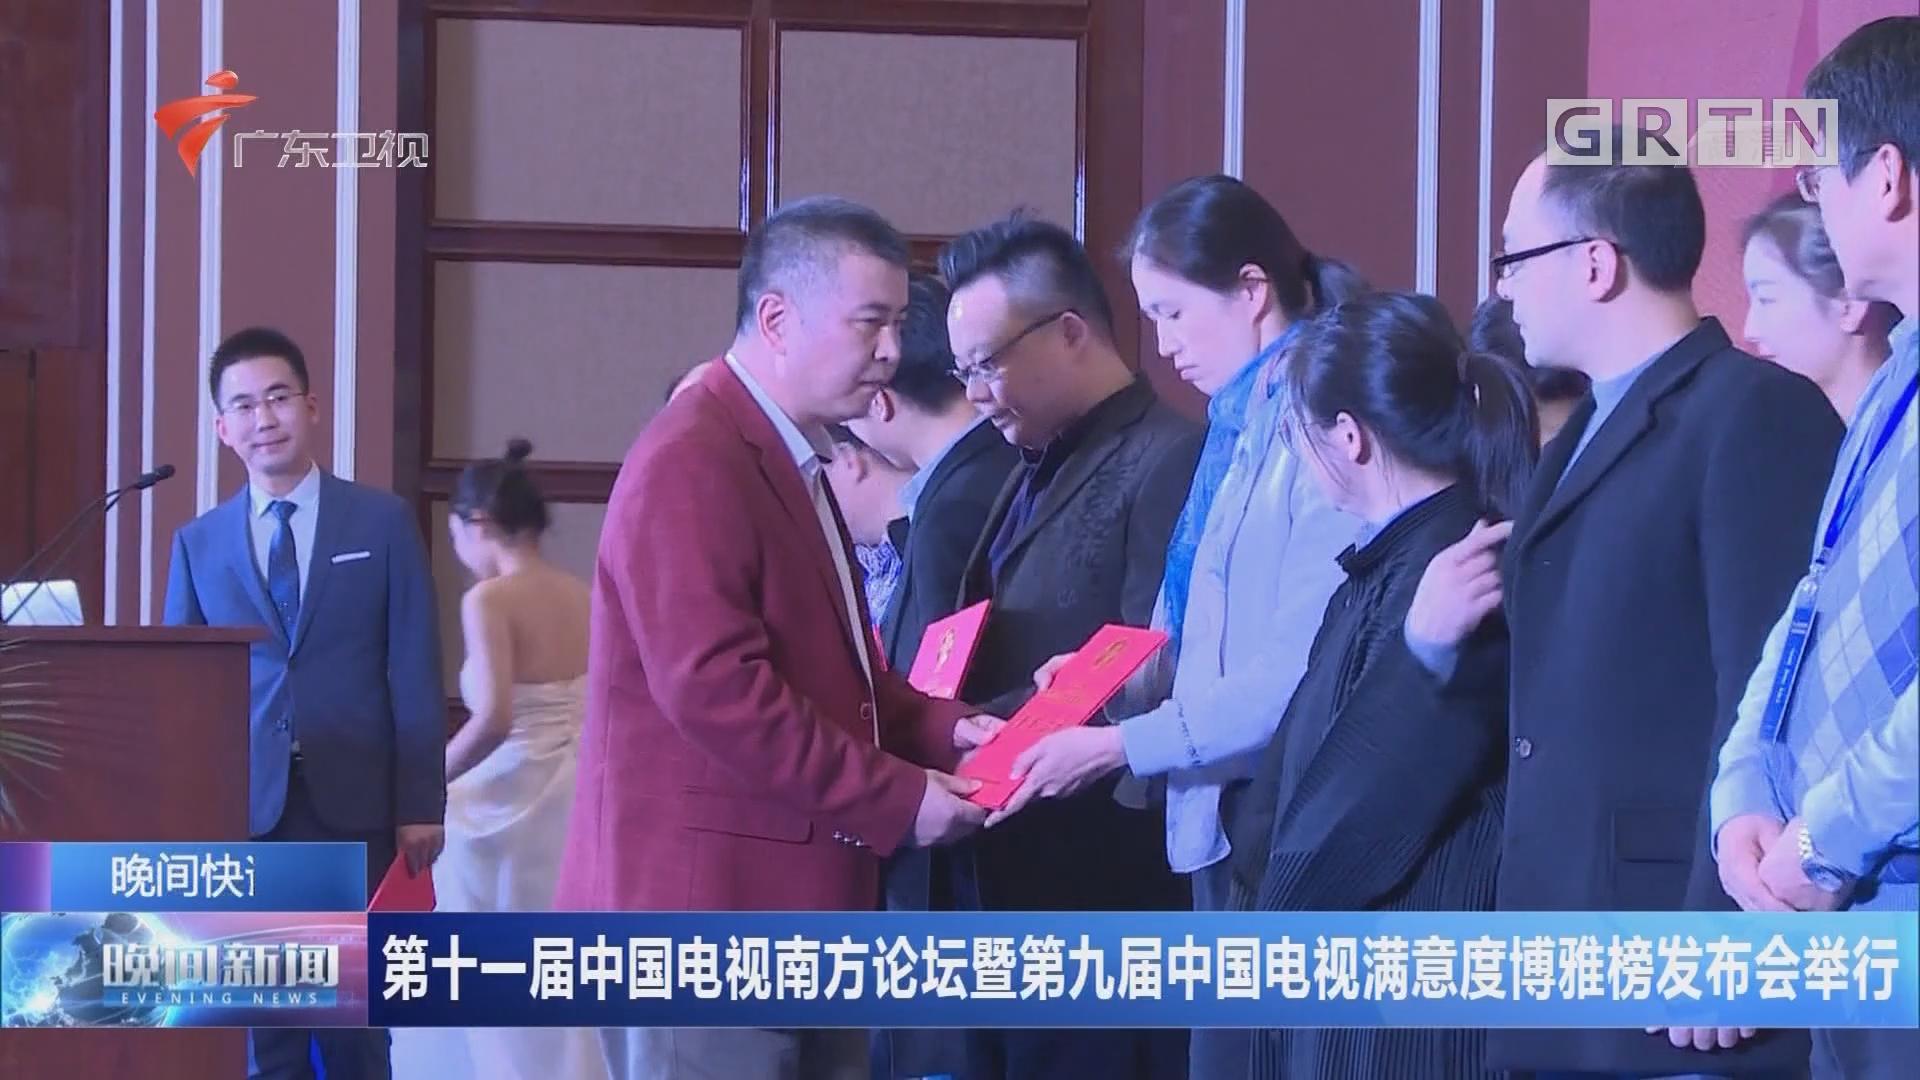 第十一届中国电视南方论坛暨第九届中国电视满意度博雅榜发布会举行